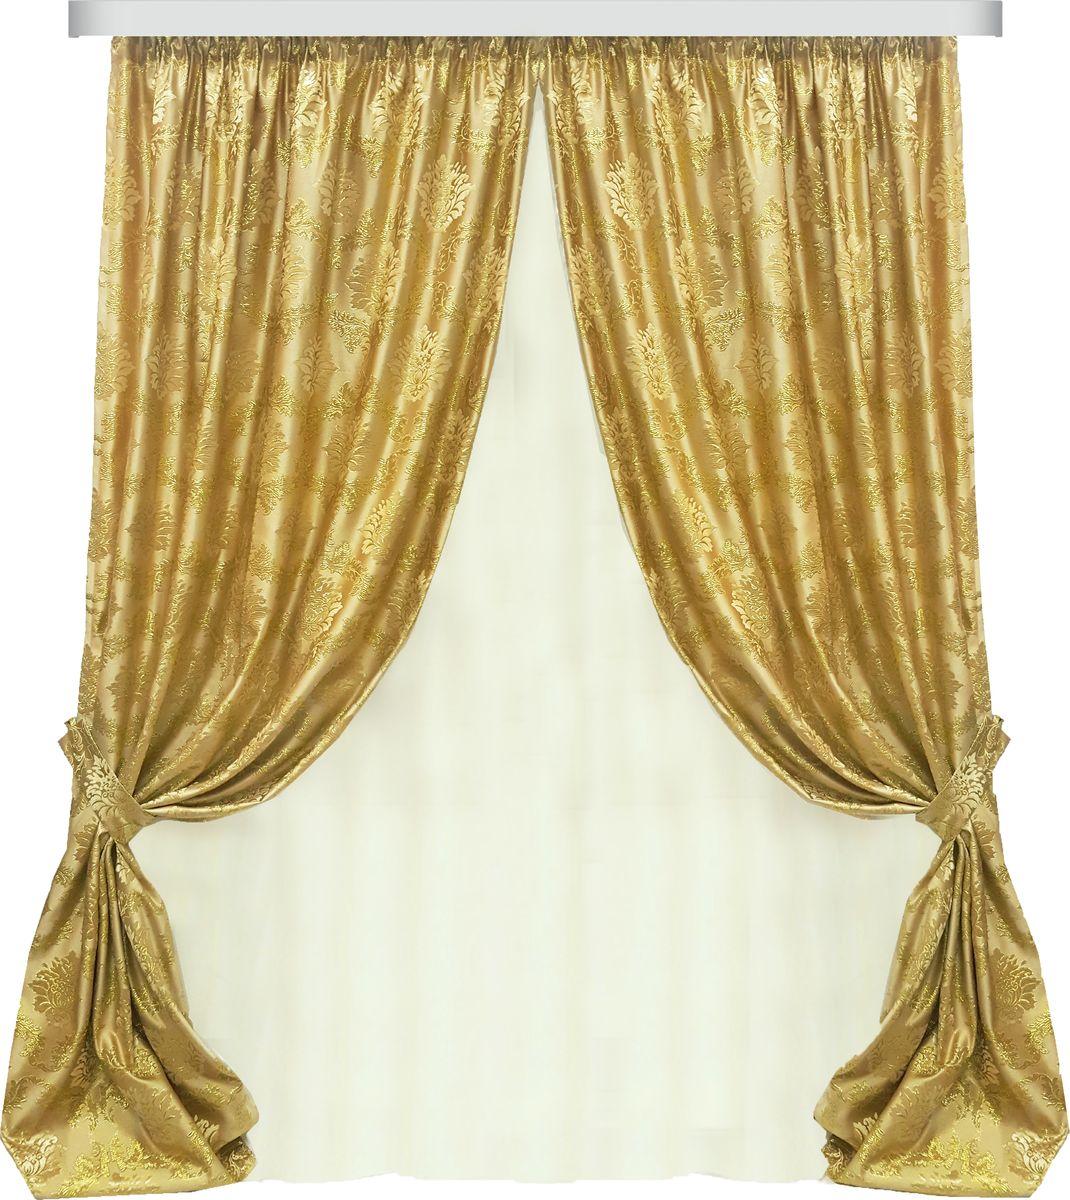 Комплект штор Zlata Korunka, на ленте, цвет: золотой, высота 270 см. 777101777101Роскошный комплект штор Zlata Korunka, выполненный из полиэстера, великолепно украсит любое окно. Комплект состоит из двух портьер, двух подхватов и тюля из вуали. Плотная ткань, оригинальный орнамент и приятная, приглушенная гамма привлекут к себе внимание и органично впишутся в интерьер помещения. Комплект крепится на карниз при помощи шторной ленты, которая поможет красиво и равномерно задрапировать верх. Портьеры можно зафиксировать в одном положении с помощью двух подхватов. Этот комплект будет долгое время радовать вас и вашу семью!